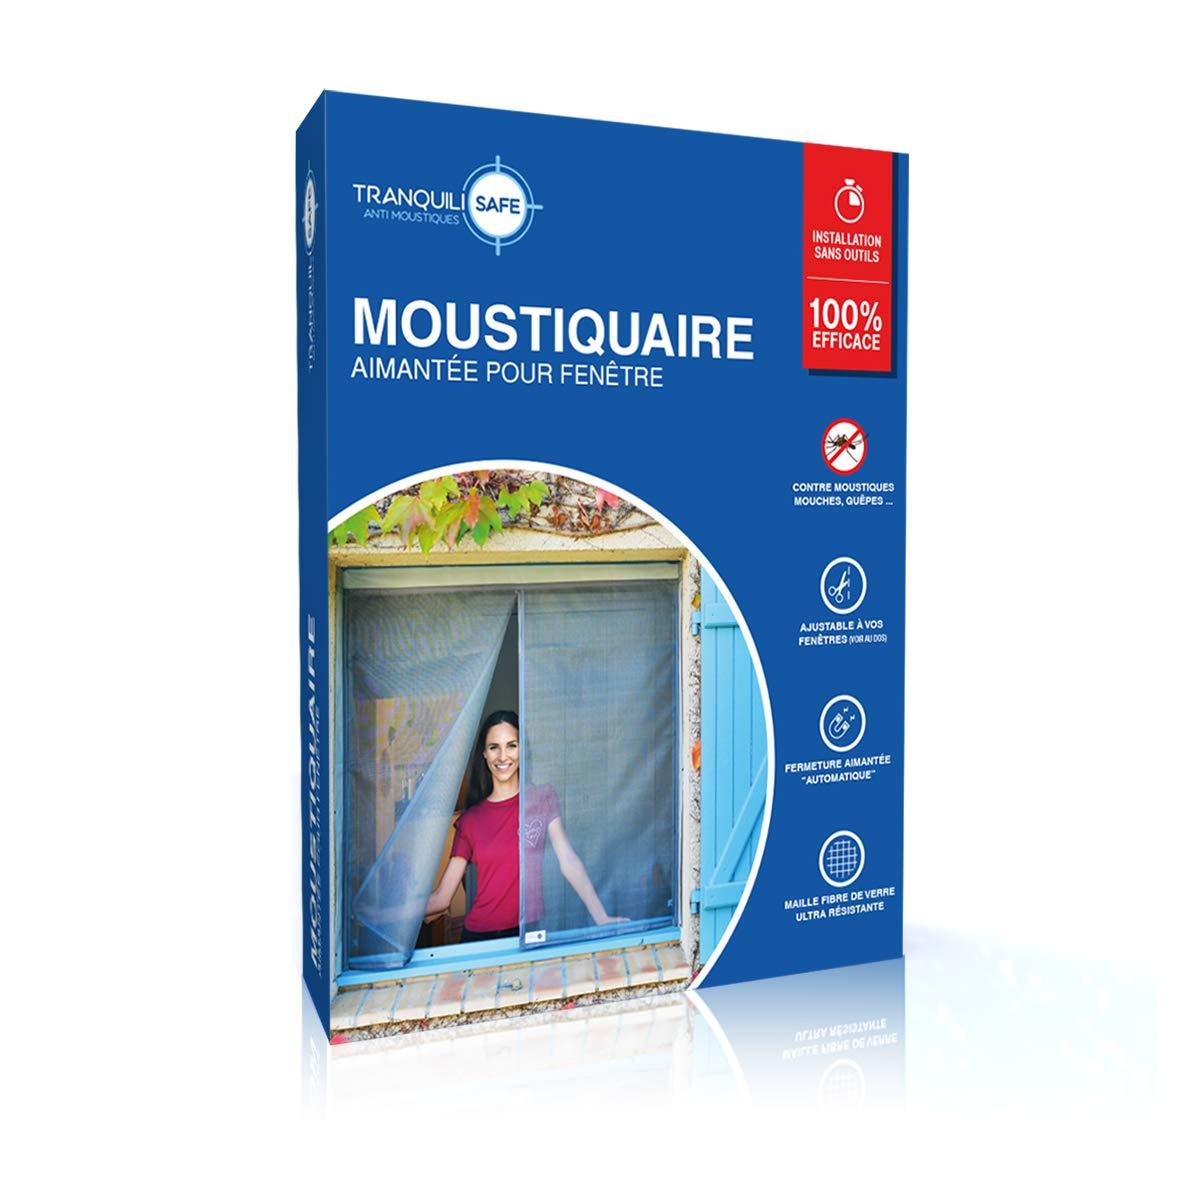 Mosquitera ajustable magnética tranquilisafe® para ventana estándar y sobre medida - Pantalla antimosquitos y anti moscas - Mosquitera automática (ANCHO 120/136 - ALTURA 135/143)